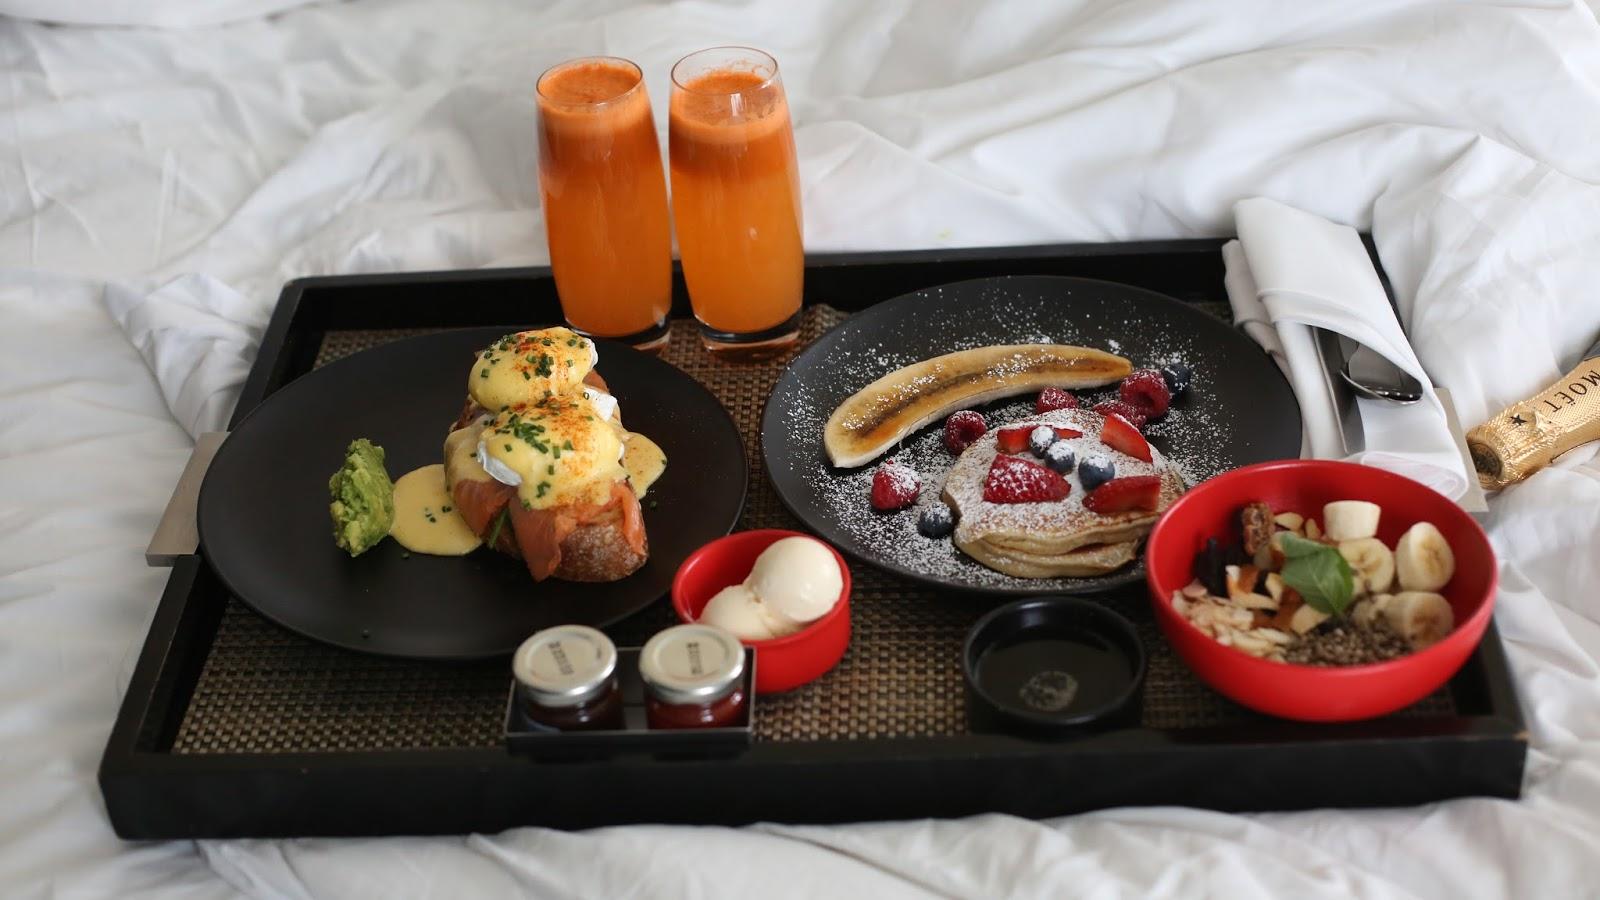 w hotel breakfast